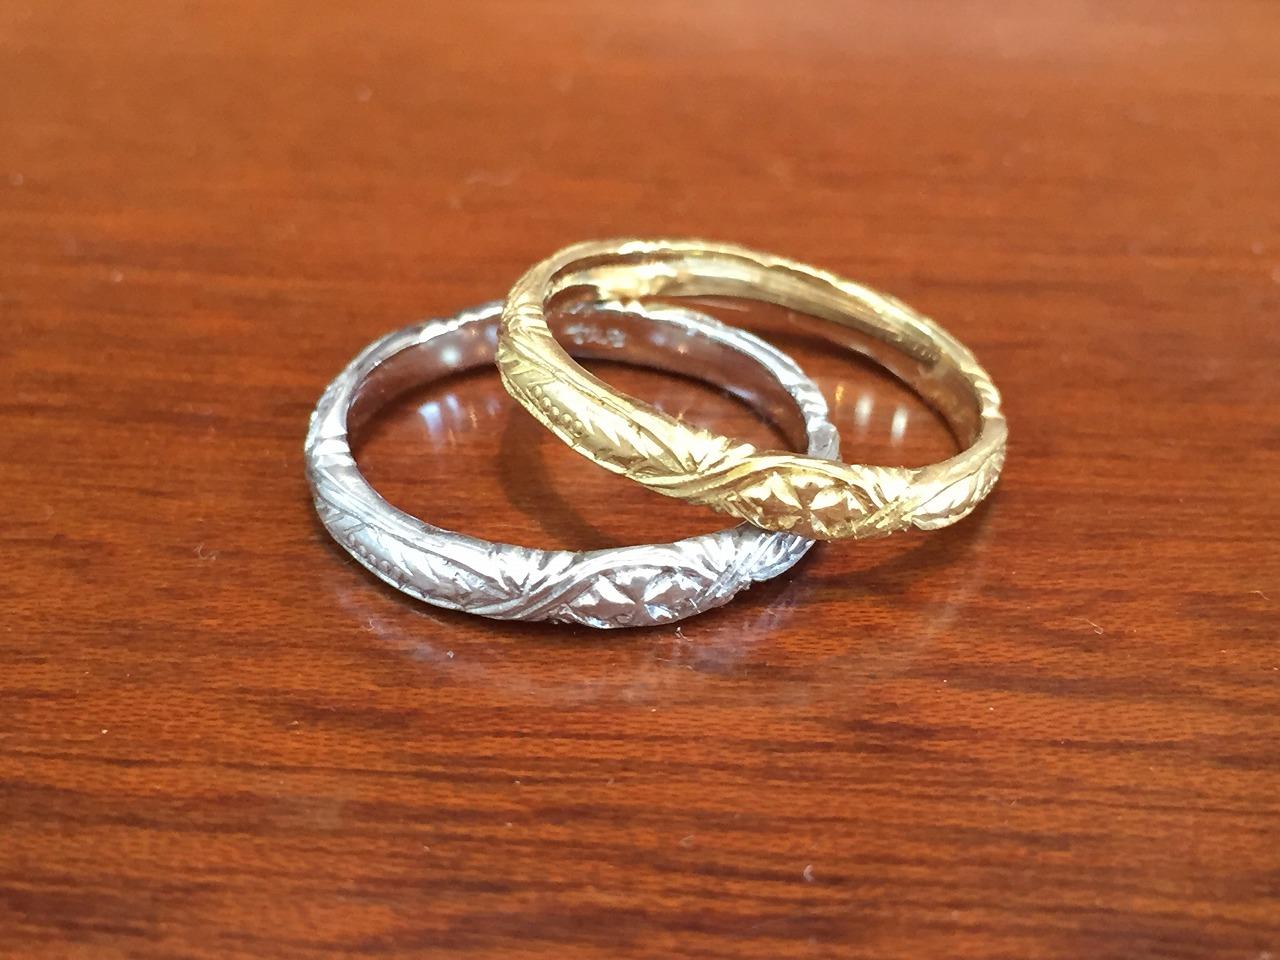 ローリーロドキン、富山、結婚指輪、ローリーロドキン結婚指輪